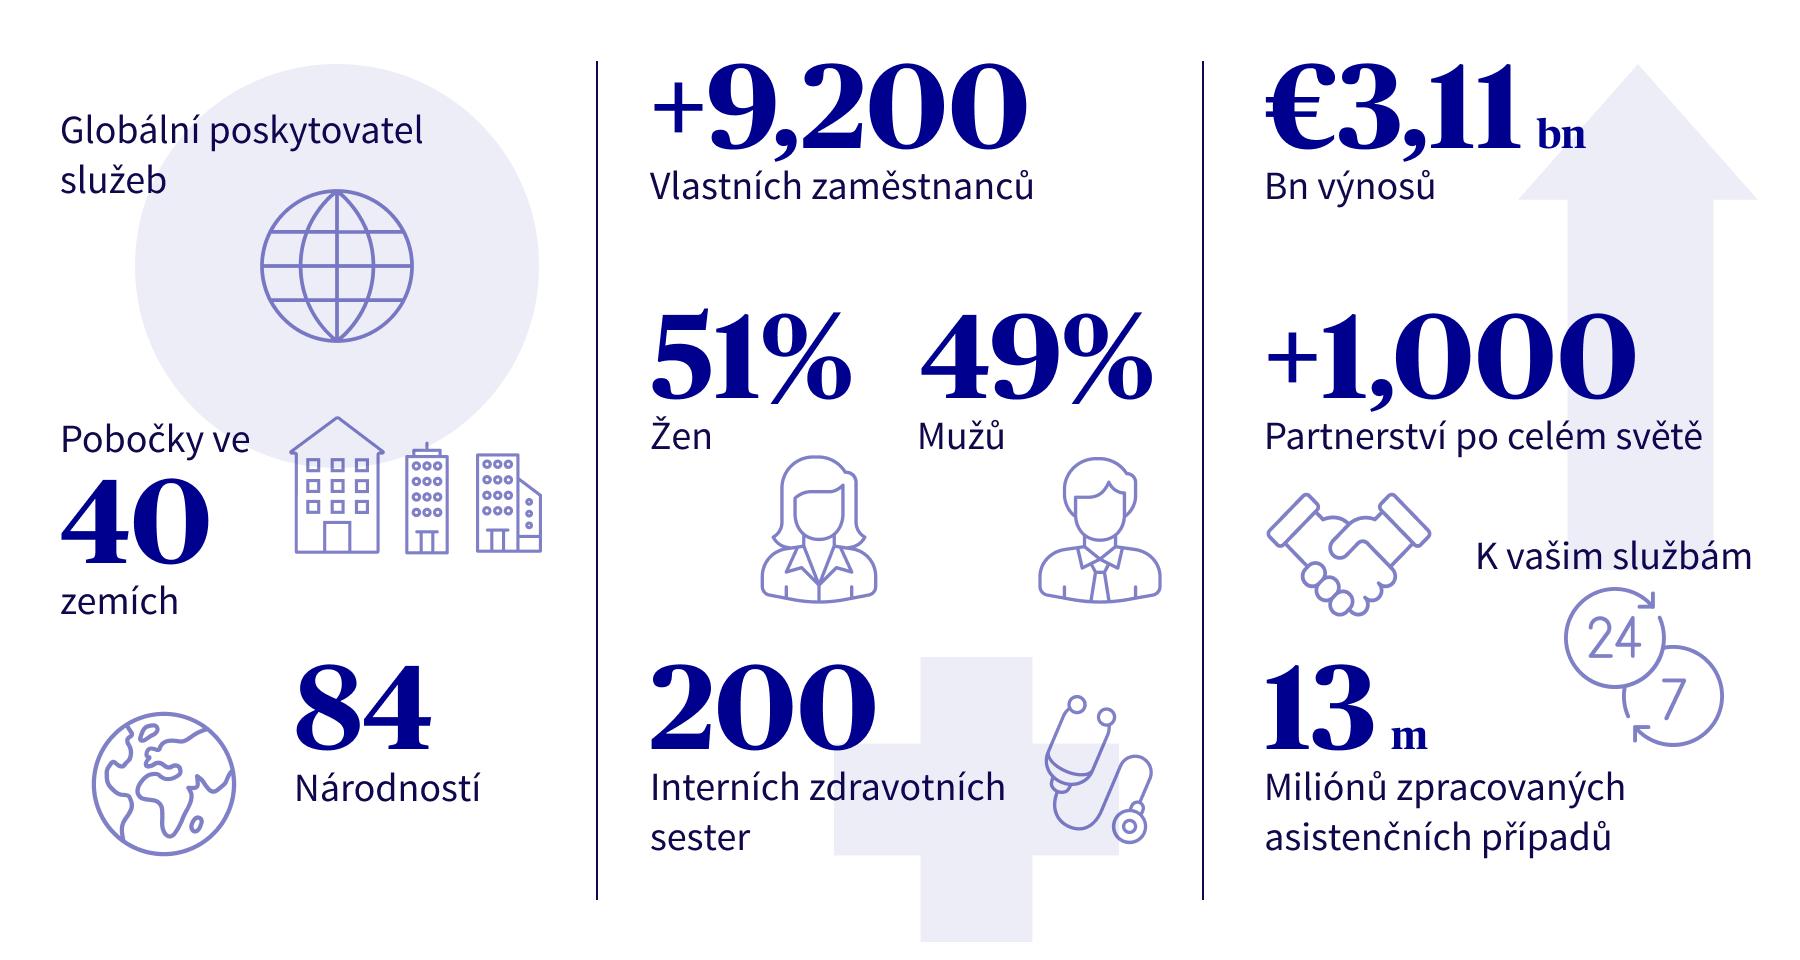 AXA Partners v číslech